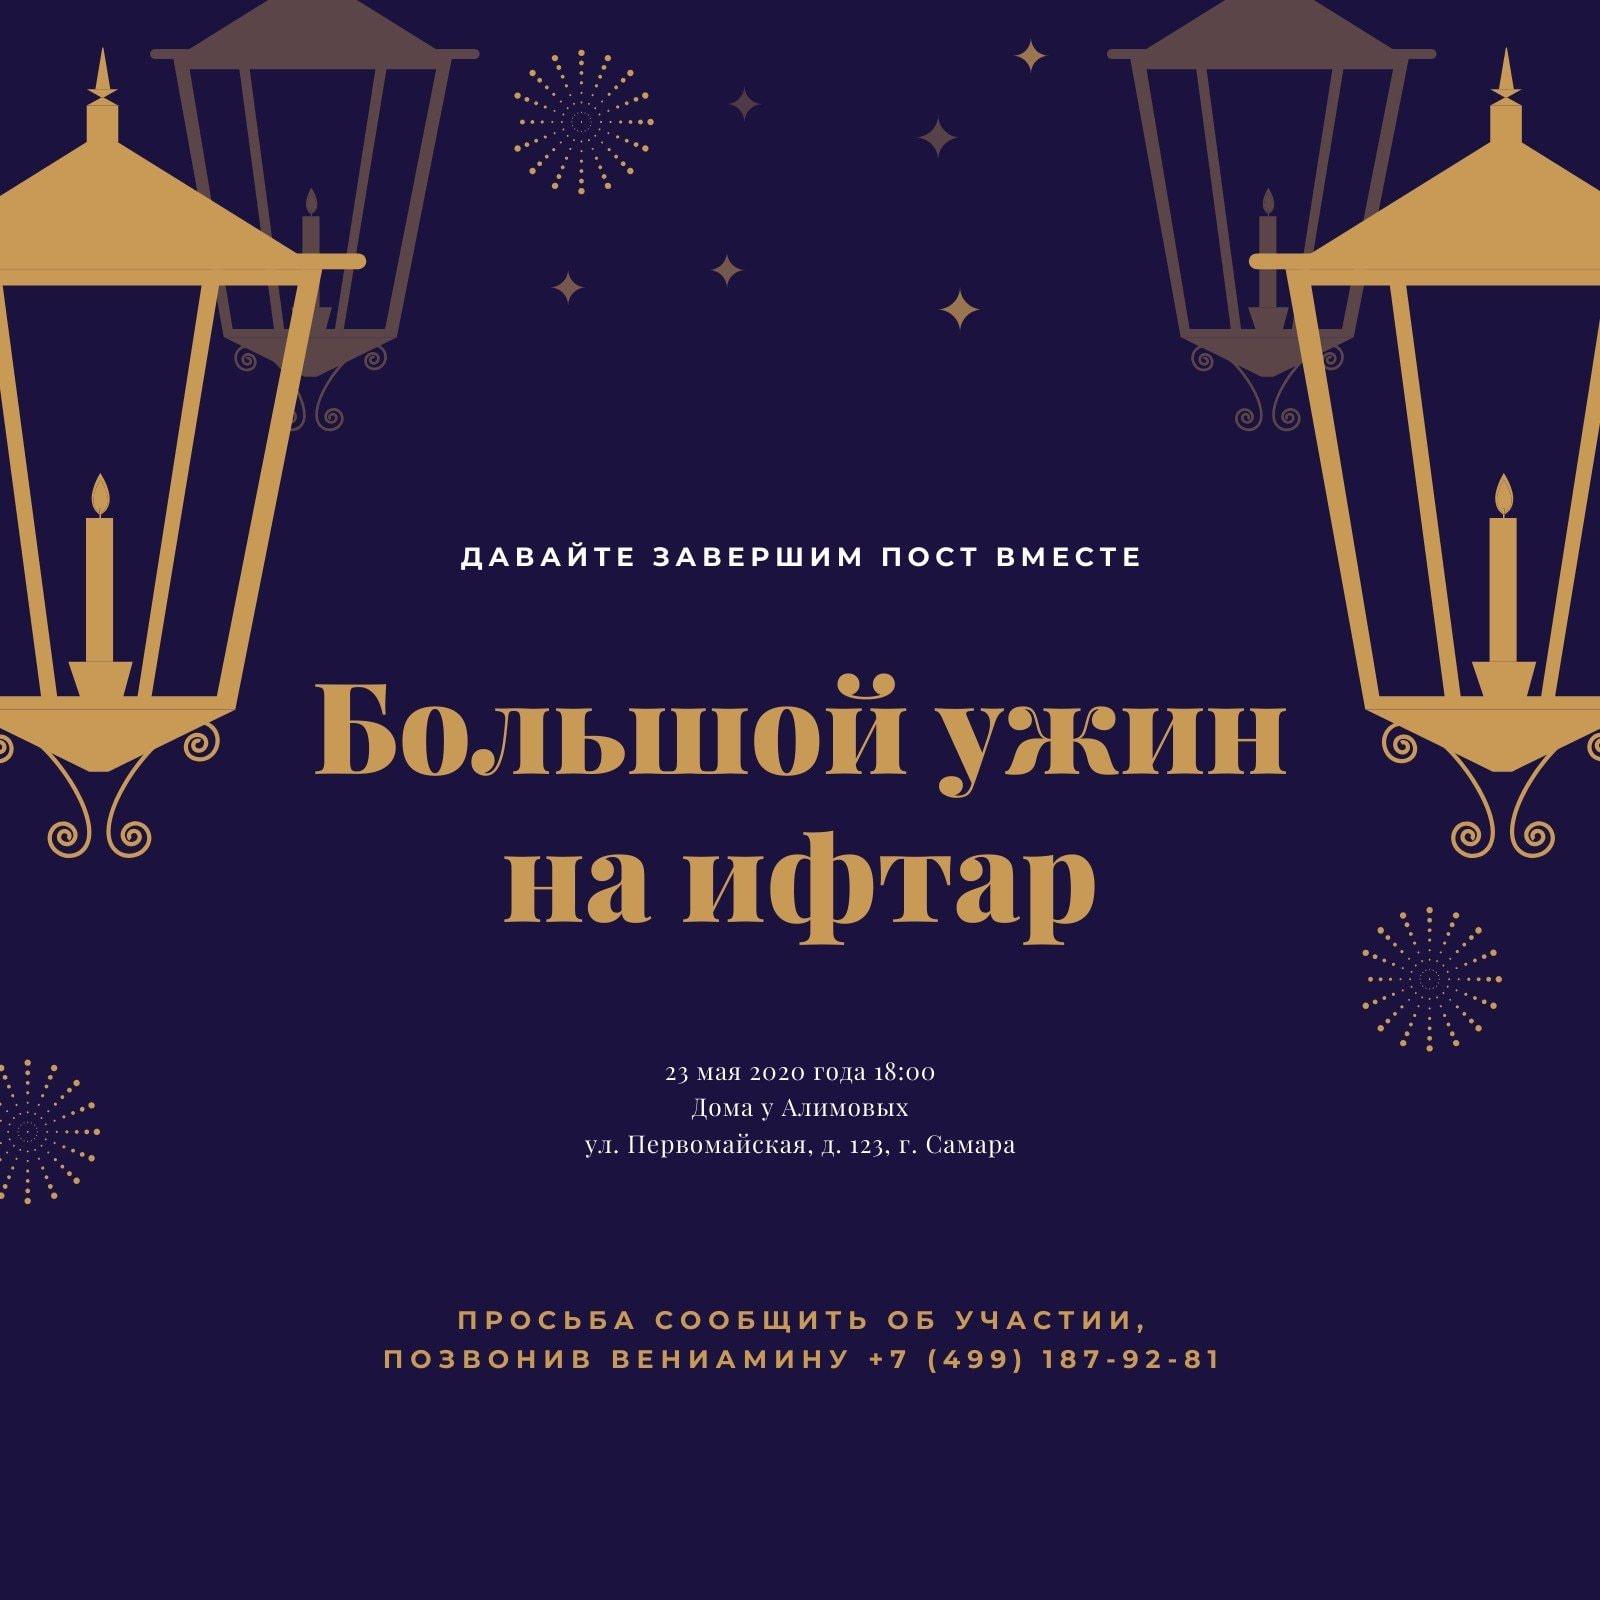 Фиолетово-золотое Иллюстрированное Лампа Рамадан Приглашение